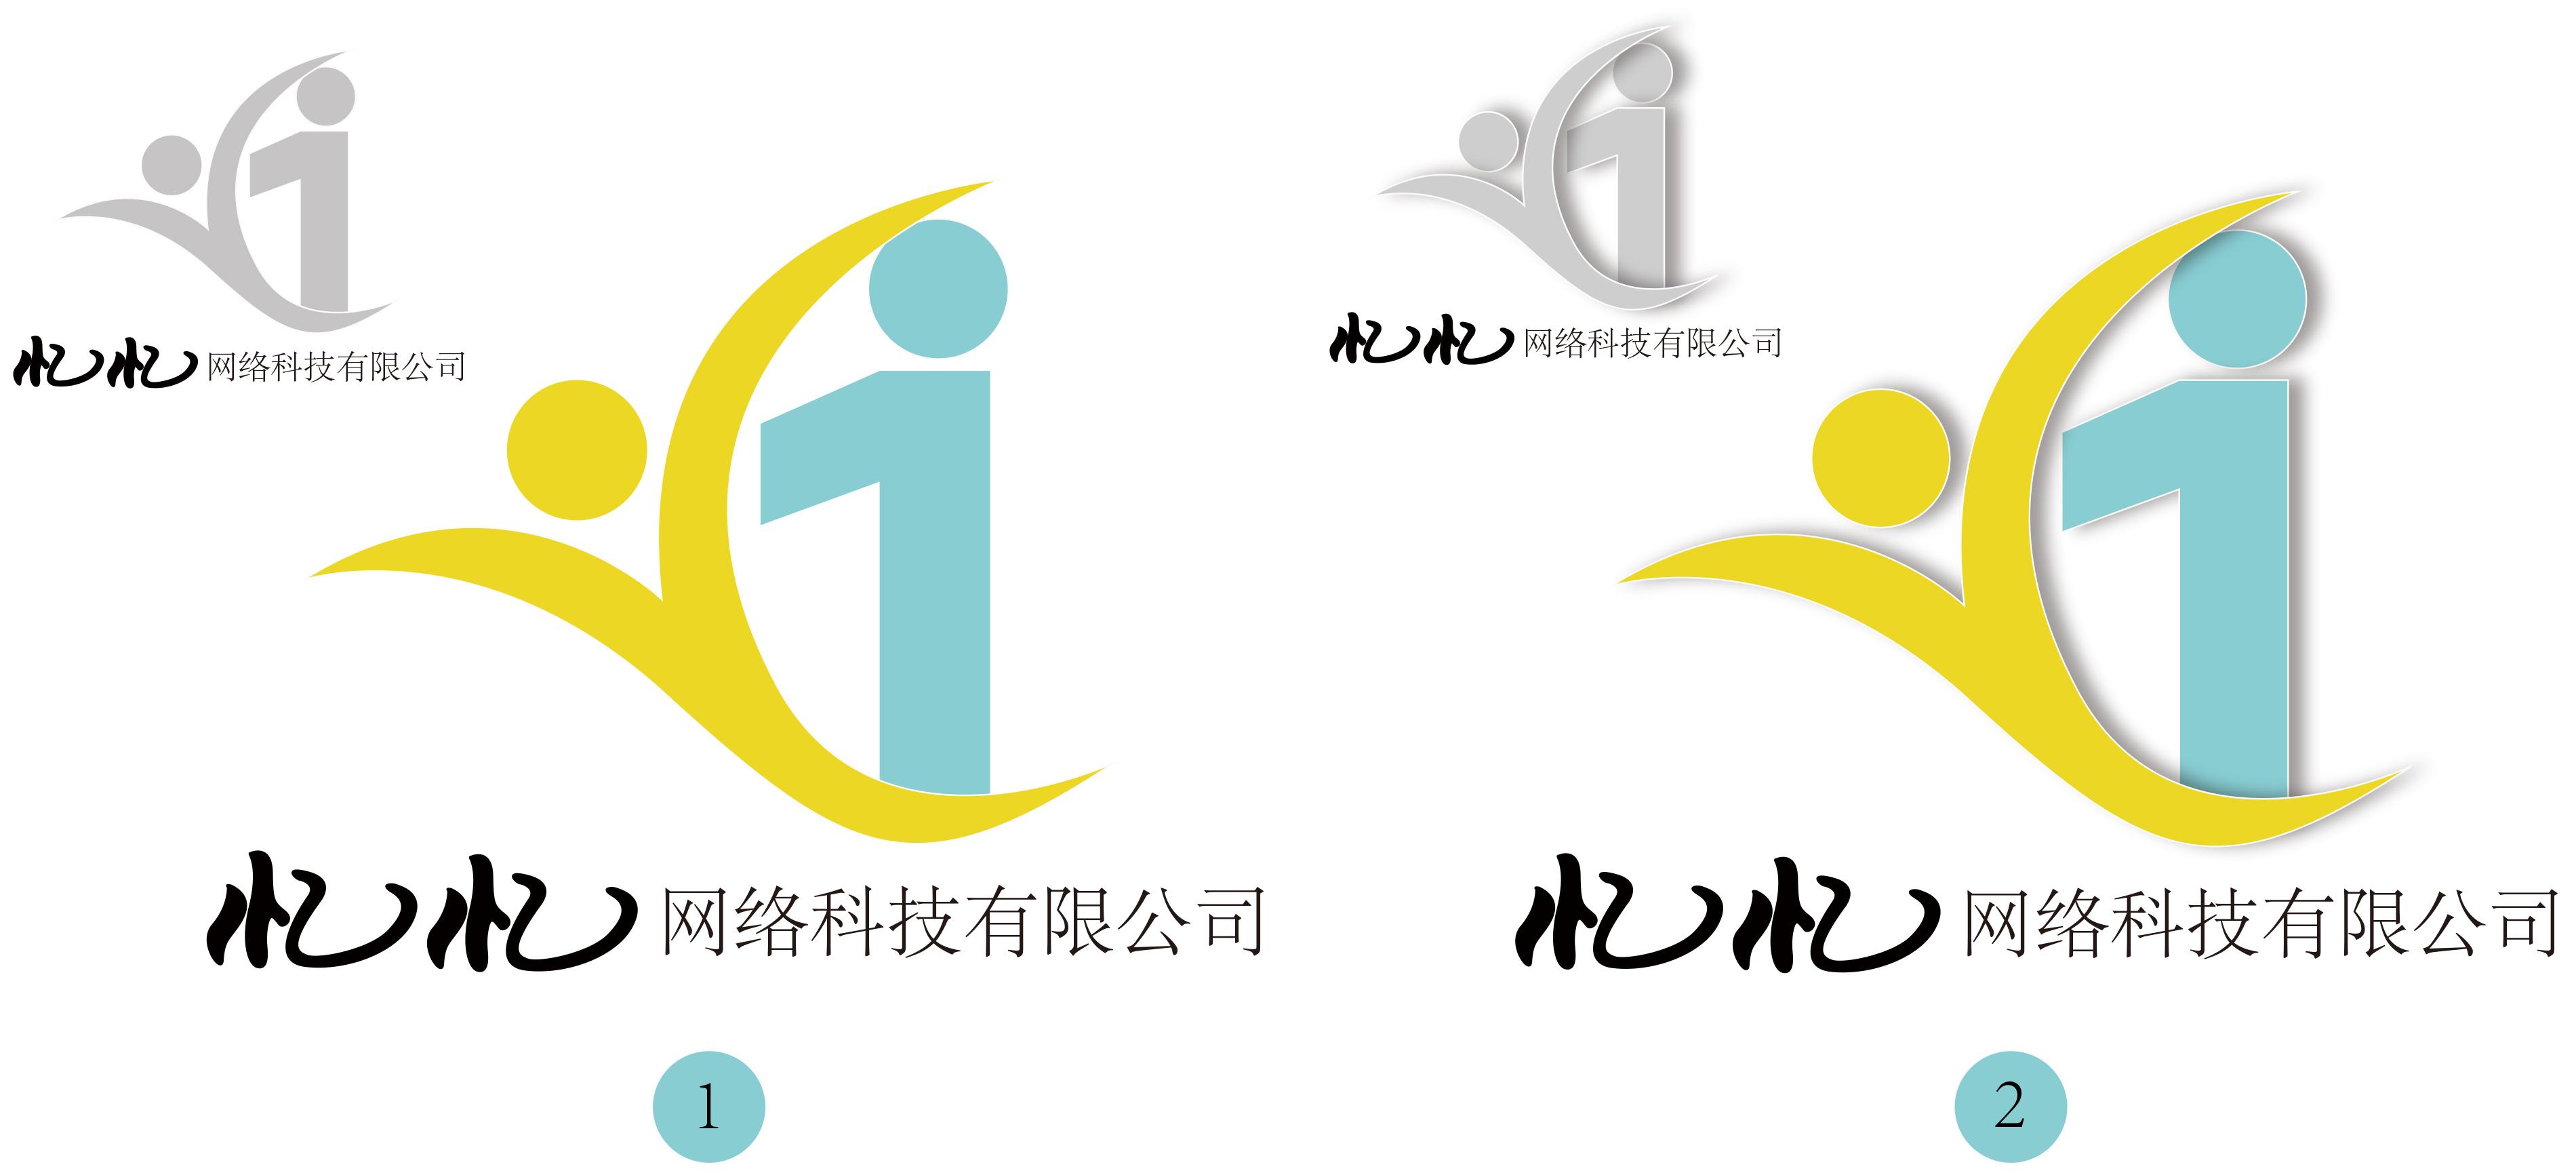 logo logo 标志 设计 矢量 矢量图 素材 图标 3800_1730